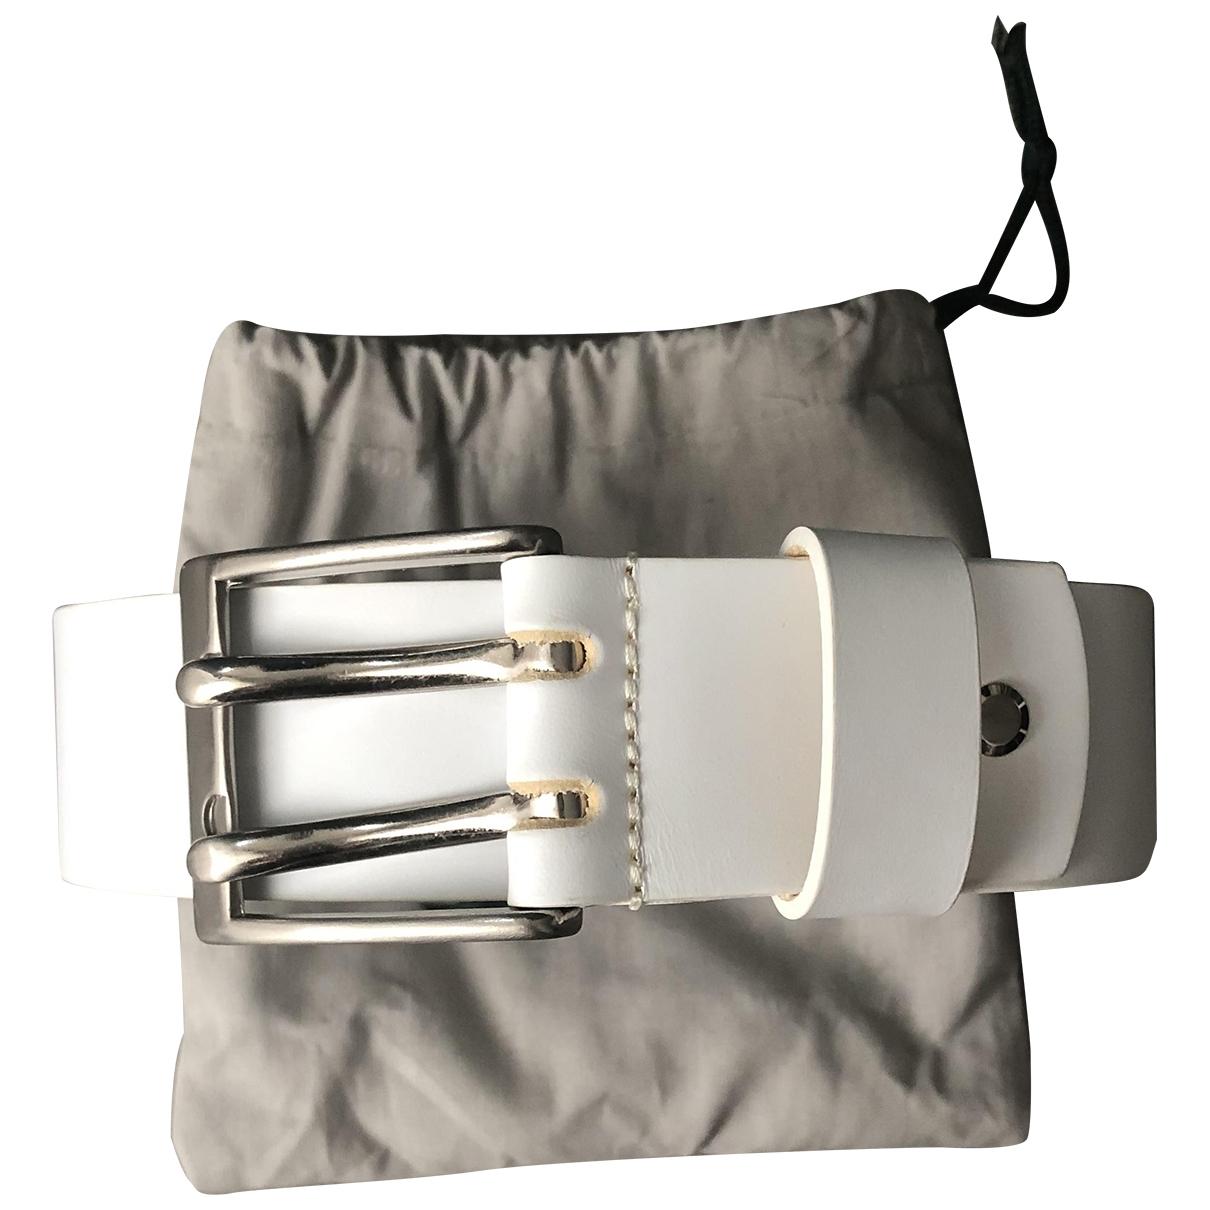 Cinturon de Cuero Paraboot